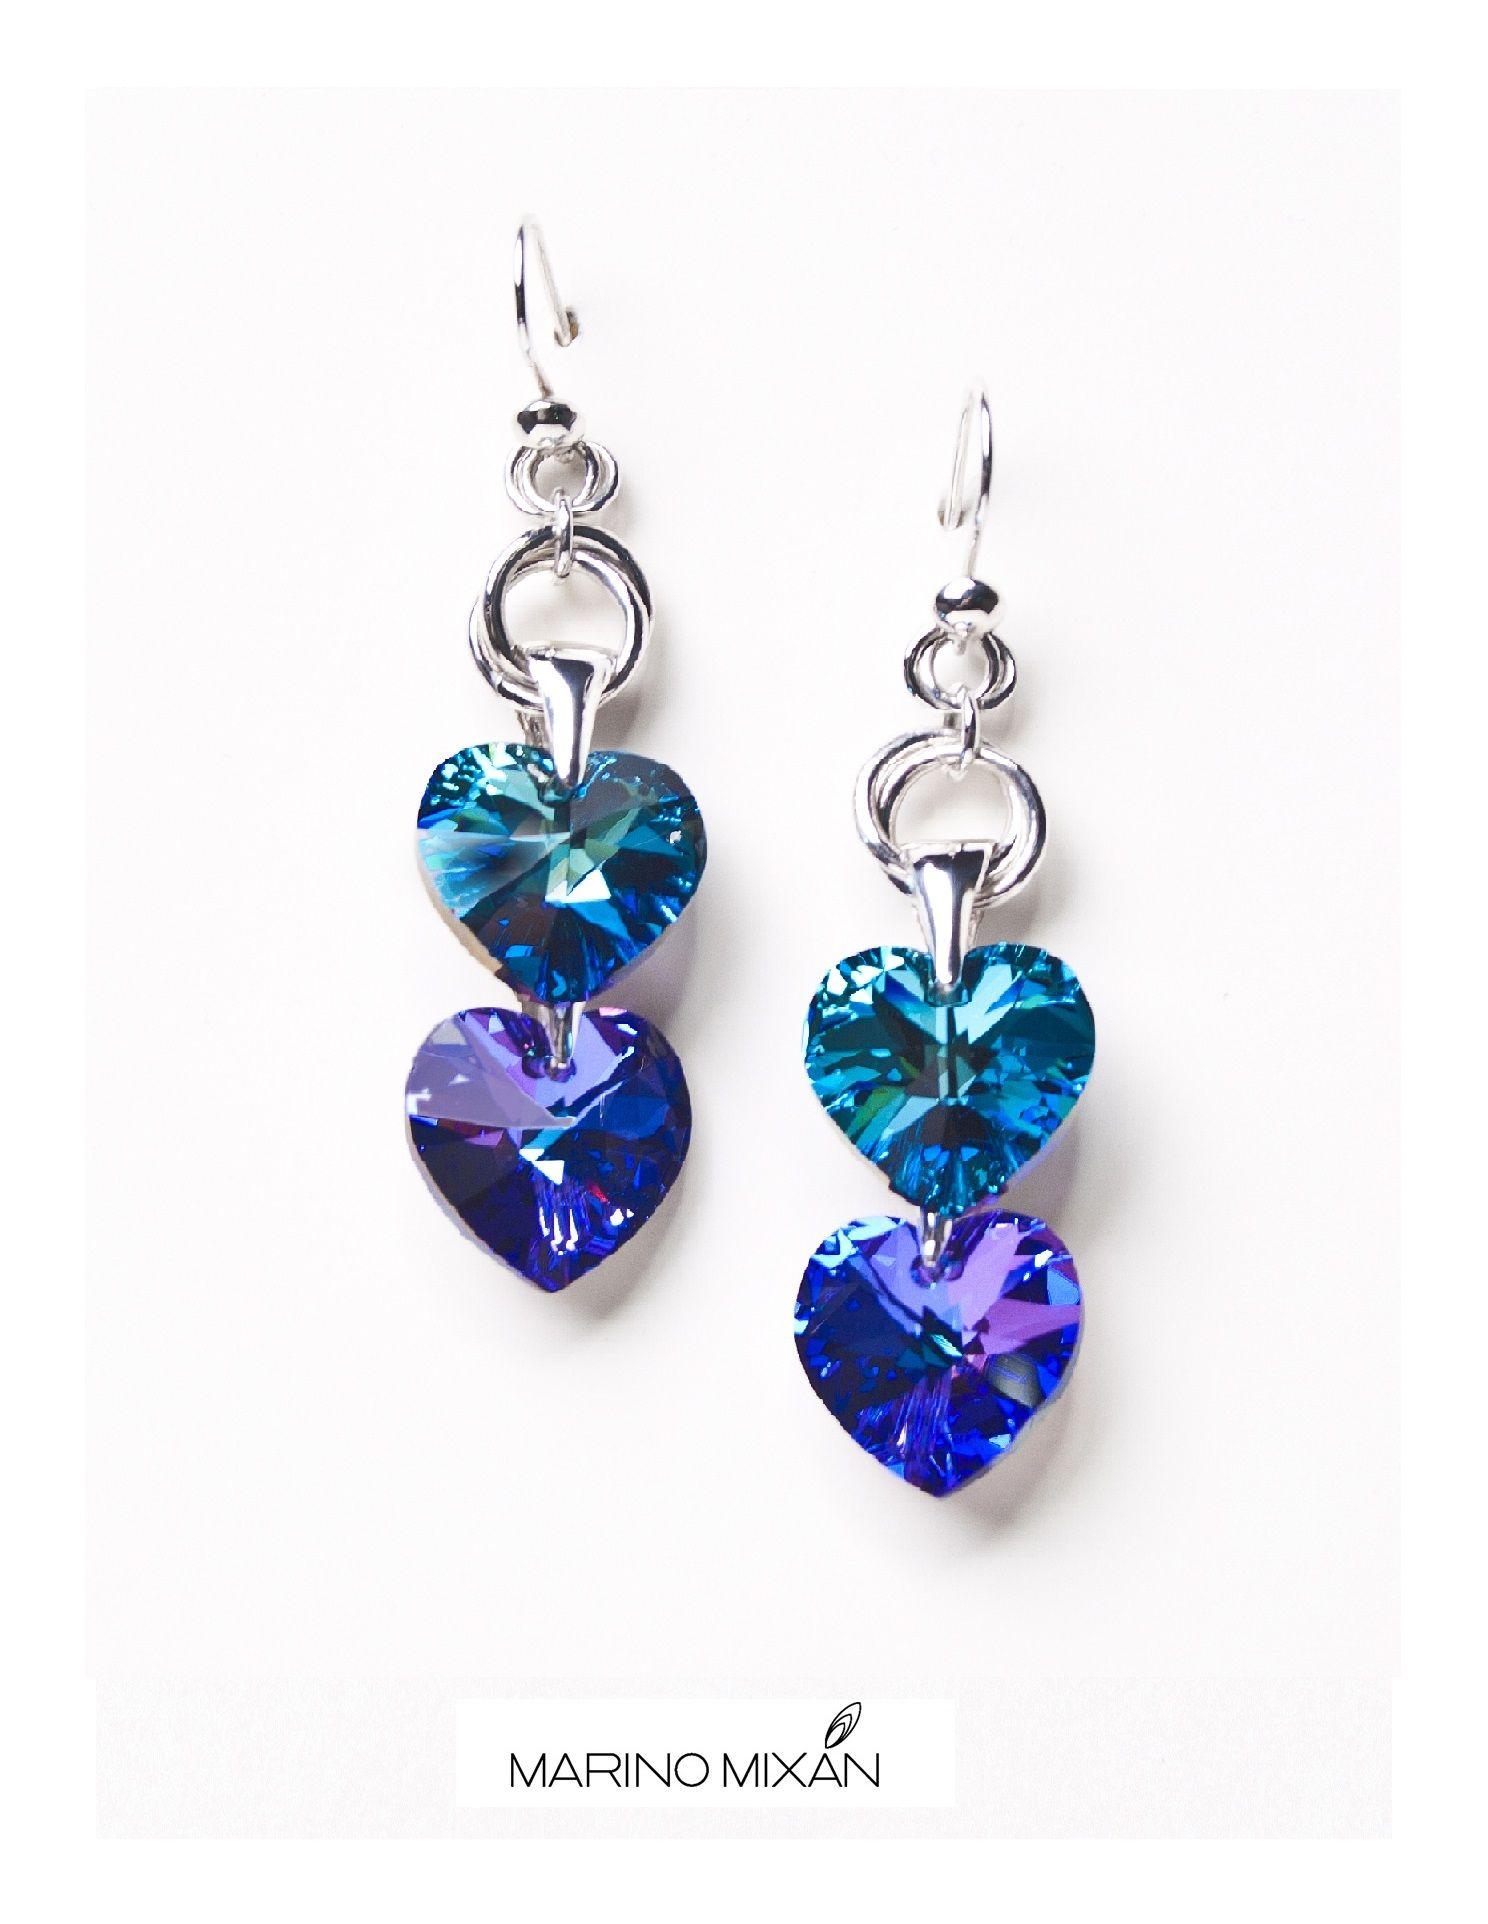 bc20e46190cd Aretes de plata peruana 950 y cristales Swarovski color turquesa e indigo.